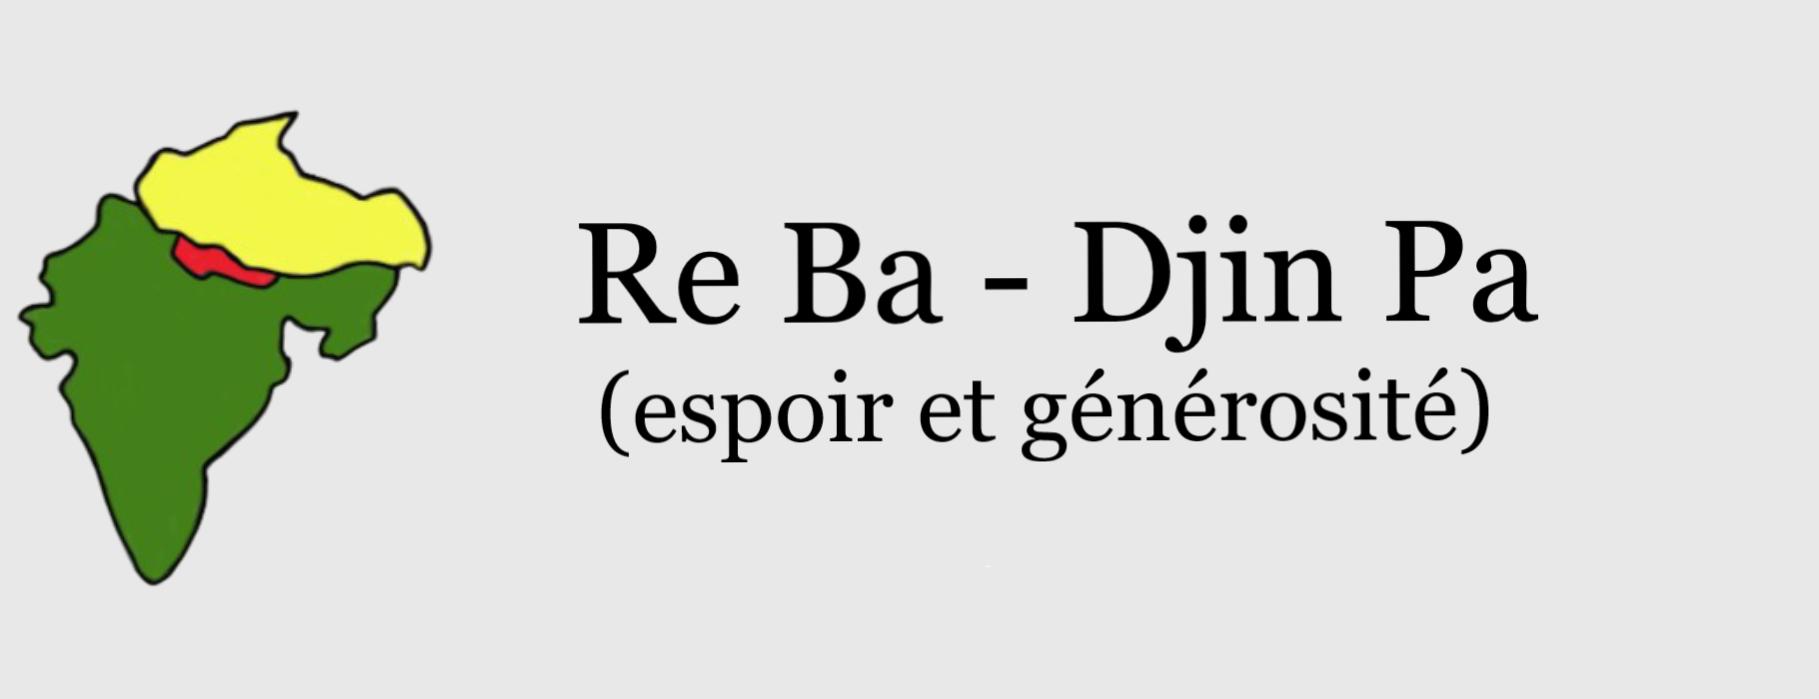 ReBa – DjinPa